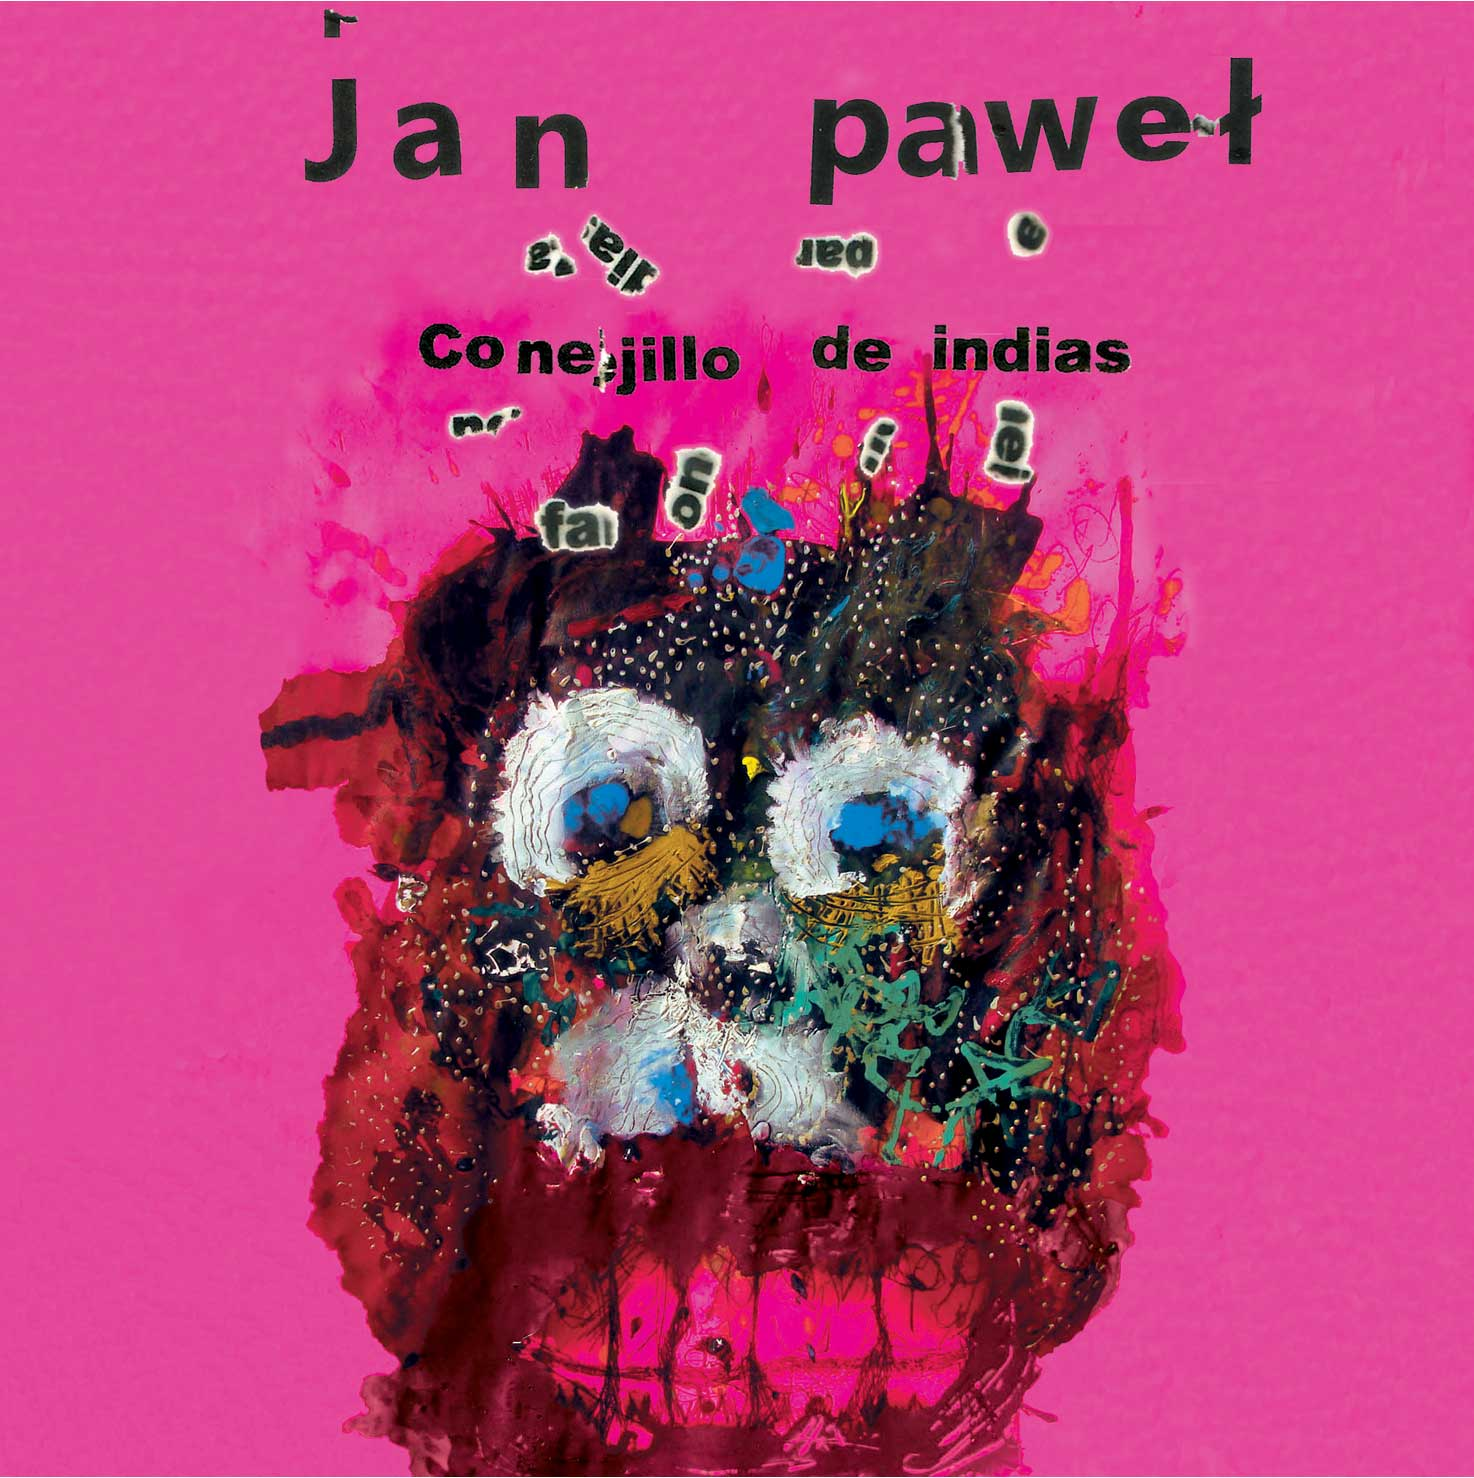 Jan Pawel - Conejillo De Indias